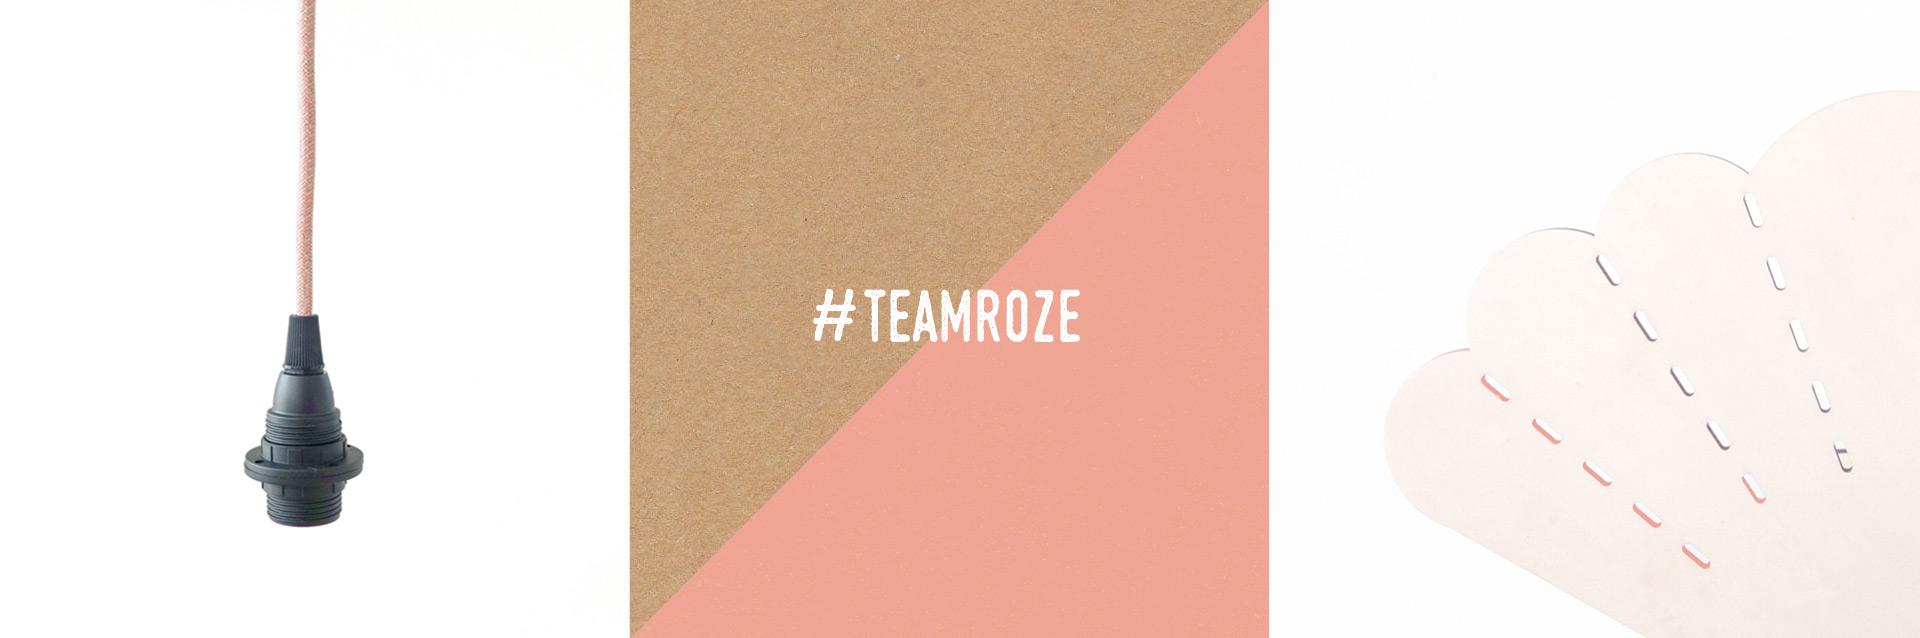 Roze textielsnoer met zwarte fitting en blank houten lamp (detail) ter illustratie van #teamroze en een voorkeur voor blank hout in het interieur.